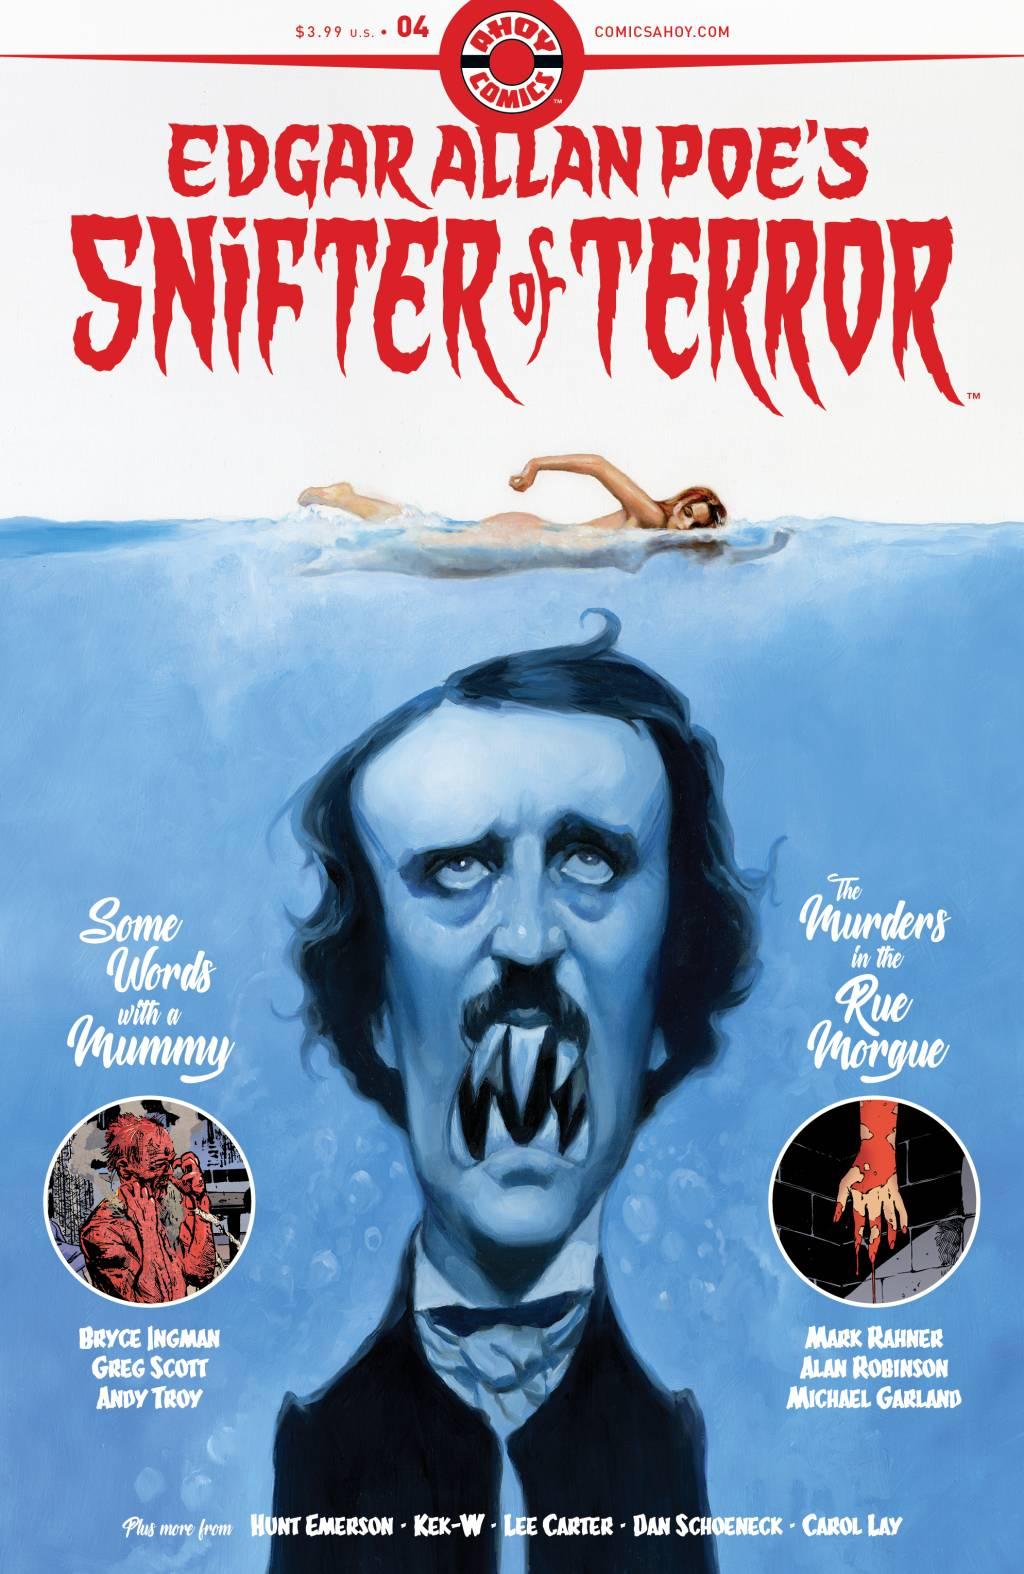 Про Эдгара Аллана По рисуют очень странные комиксы из серии Snifter Of Terror. Вот их обложки 3